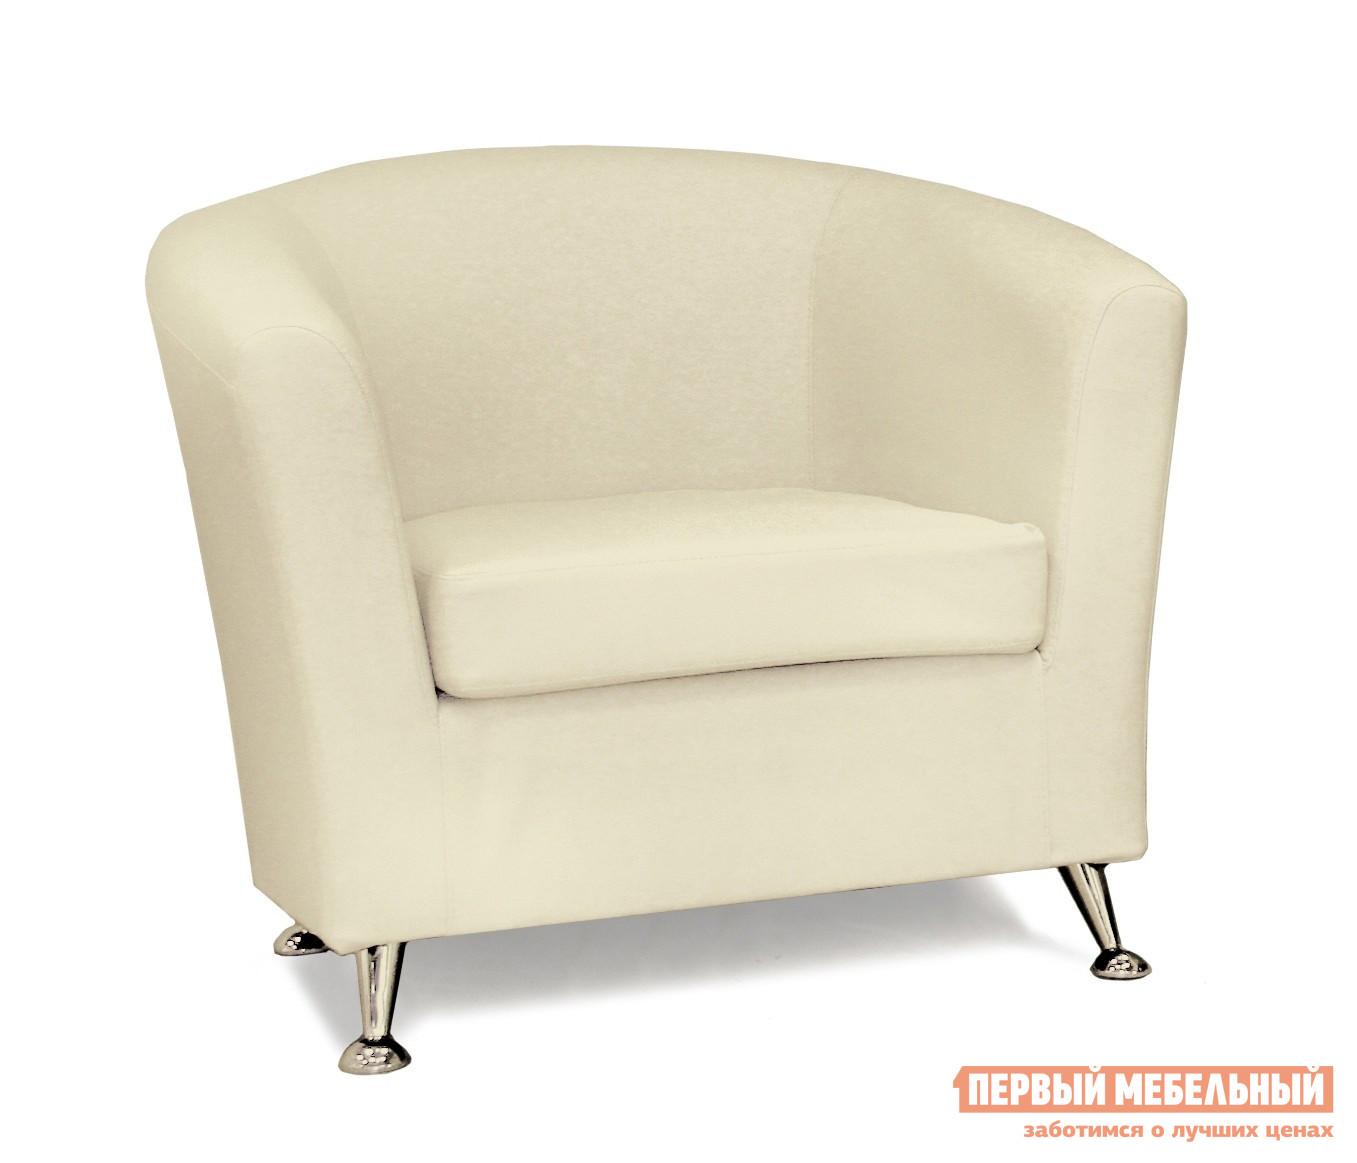 Диван офисный СМК СМК 040.08 кресло 1х К/з Орегон 3023Диваны офисные<br>Габаритные размеры ВхШхГ 740x830x750 мм. Кресло имеет современный дизайн и мягкие округлые формы, отсутствие обязывающего декора сделает его уместным в интерьере любого стиля.  Помимо традиционного размещения в жилом помещении, кресло отлично подойдет для меблировки баров, кафе.  Компактные размеры позволяют поместить мебельное изделие в небольшой комнате.  Обивка кресла выполнена из искусственной кожи и по всей его площади, что обеспечит комфорт пребывания в любом положении. Обратите внимание,  кресло можно дополнить диваном такого же дизайна.<br><br>Цвет: Бежевый<br>Высота мм: 740<br>Ширина мм: 830<br>Глубина мм: 750<br>Кол-во упаковок: 1<br>Форма поставки: В собранном виде<br>Срок гарантии: 18 месяцев<br>Тип: Прямые<br>Материал: Искусственная кожа<br>Размер: Одноместные